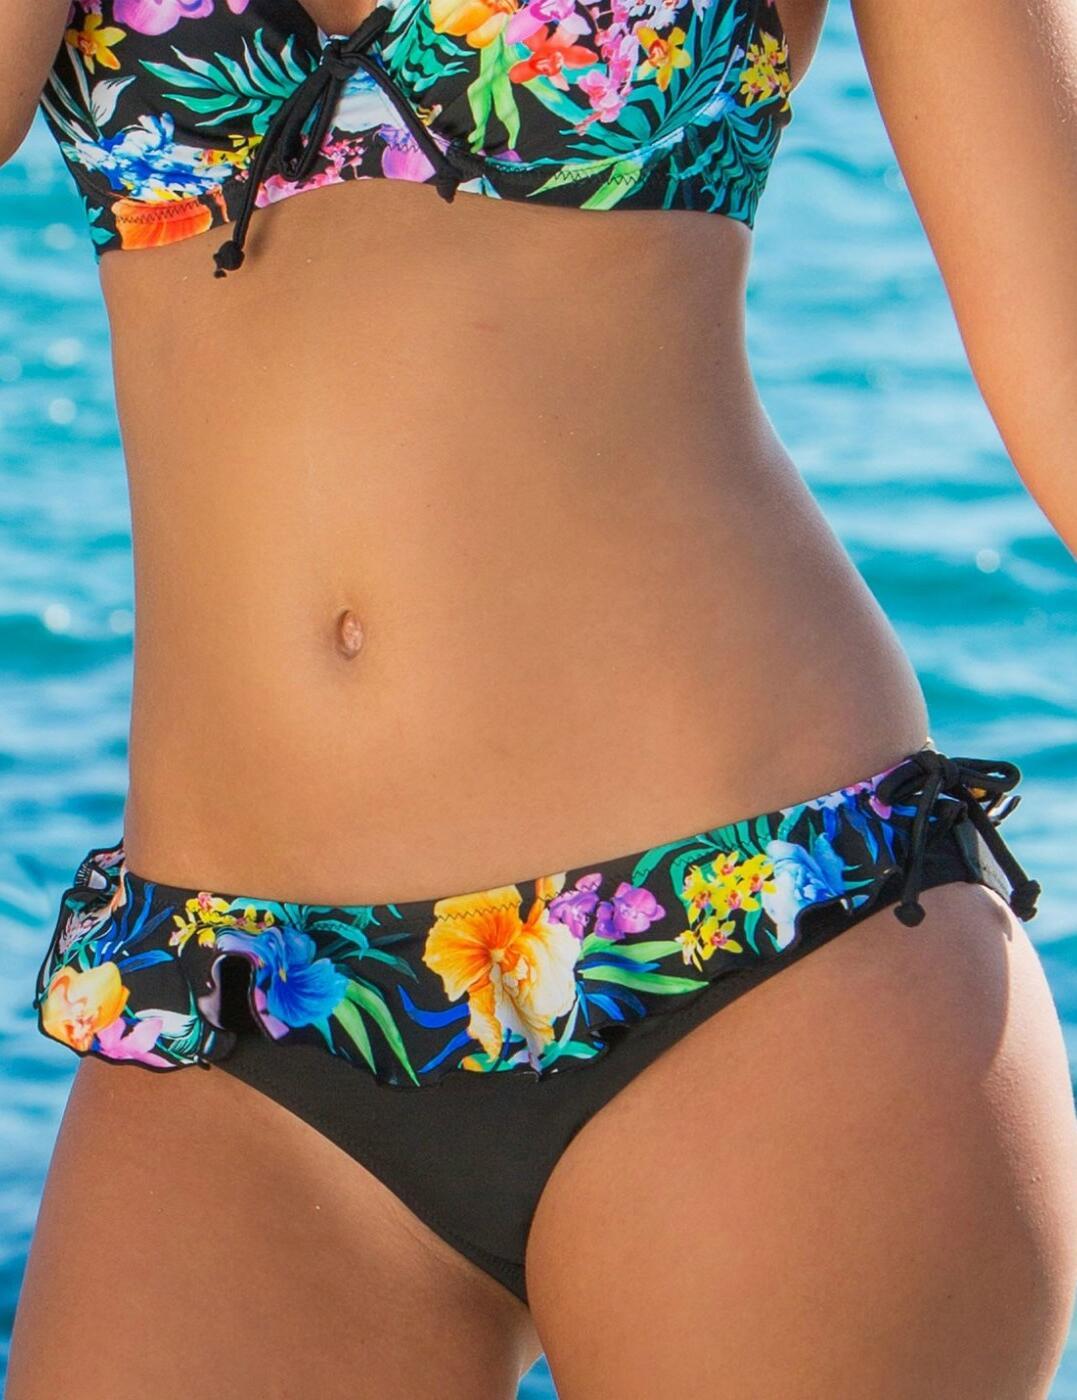 Pour Moi Miami Brights Bikini Top Underwired Adjustable Halter 14102 Swimwear